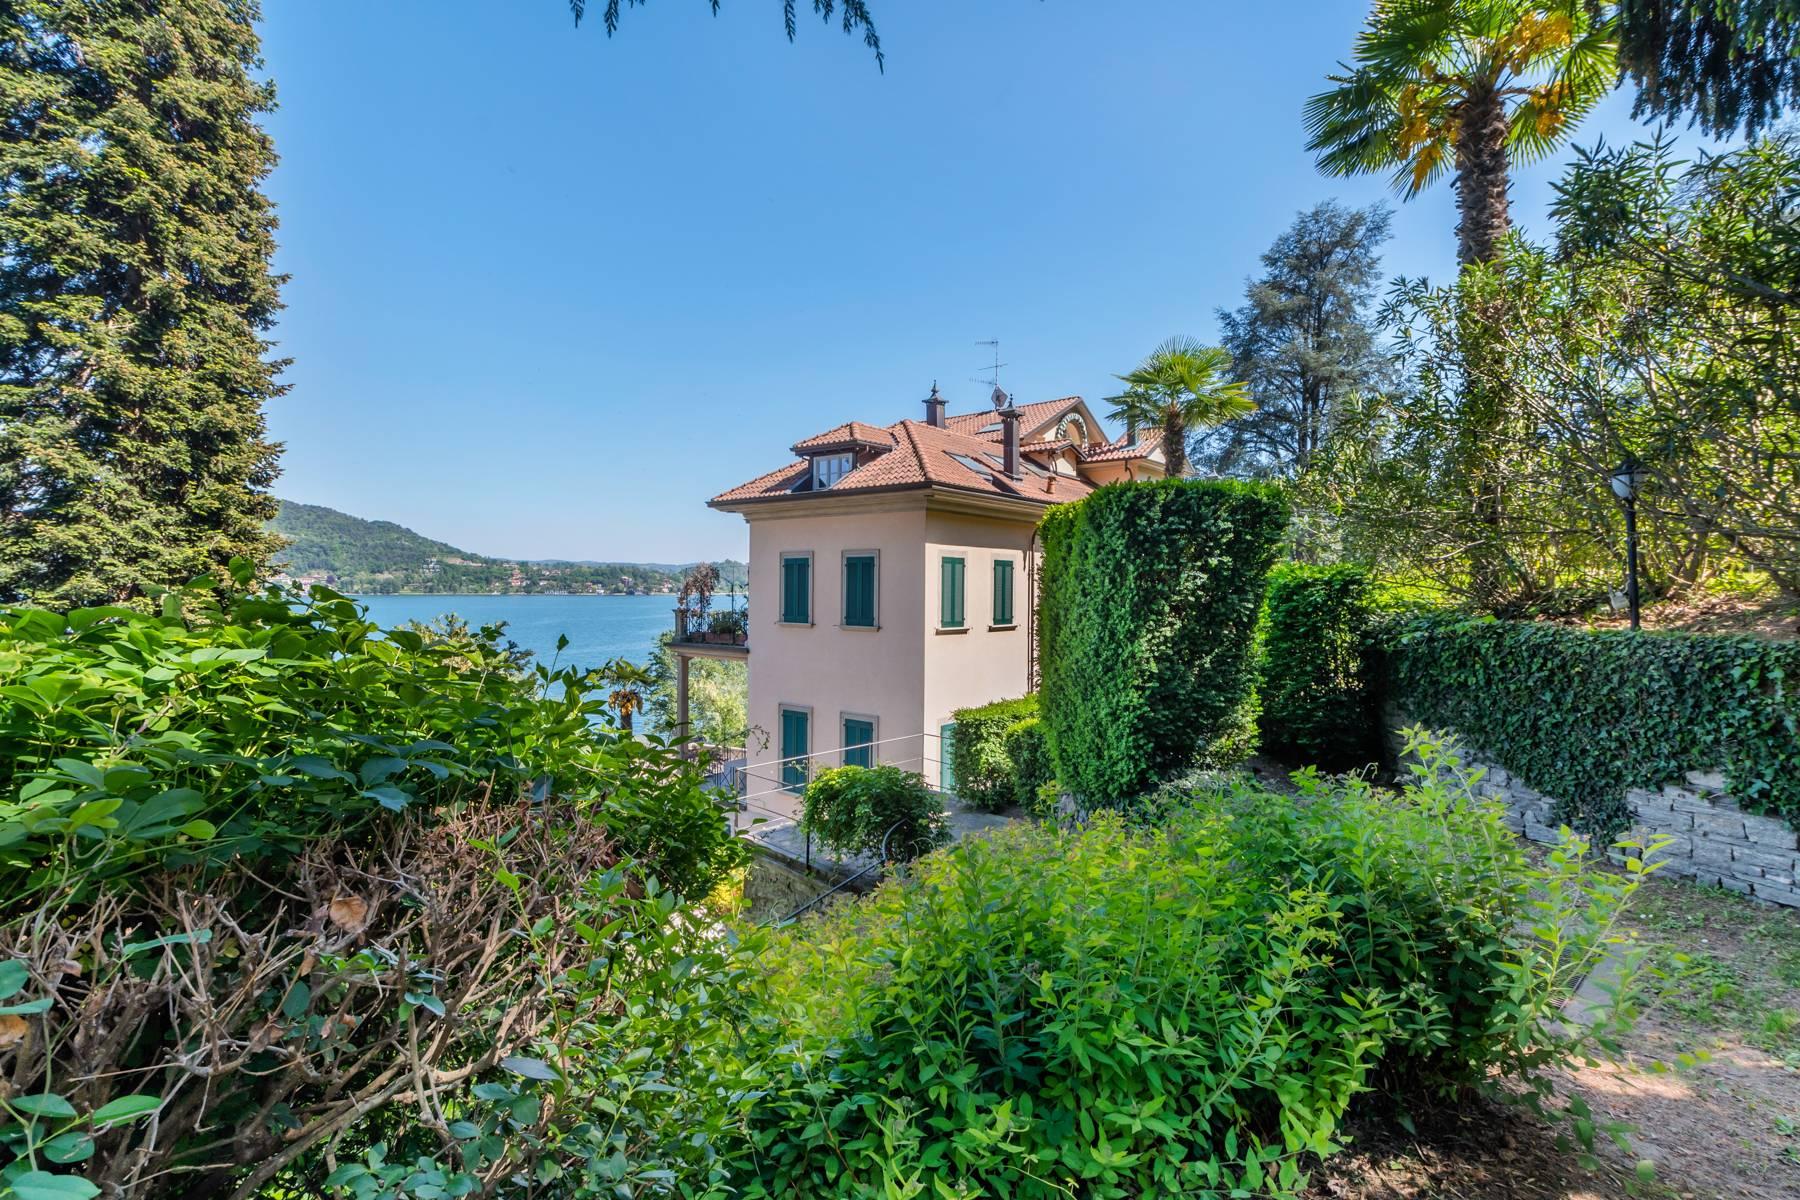 Villa in Vendita a Meina: 5 locali, 250 mq - Foto 4